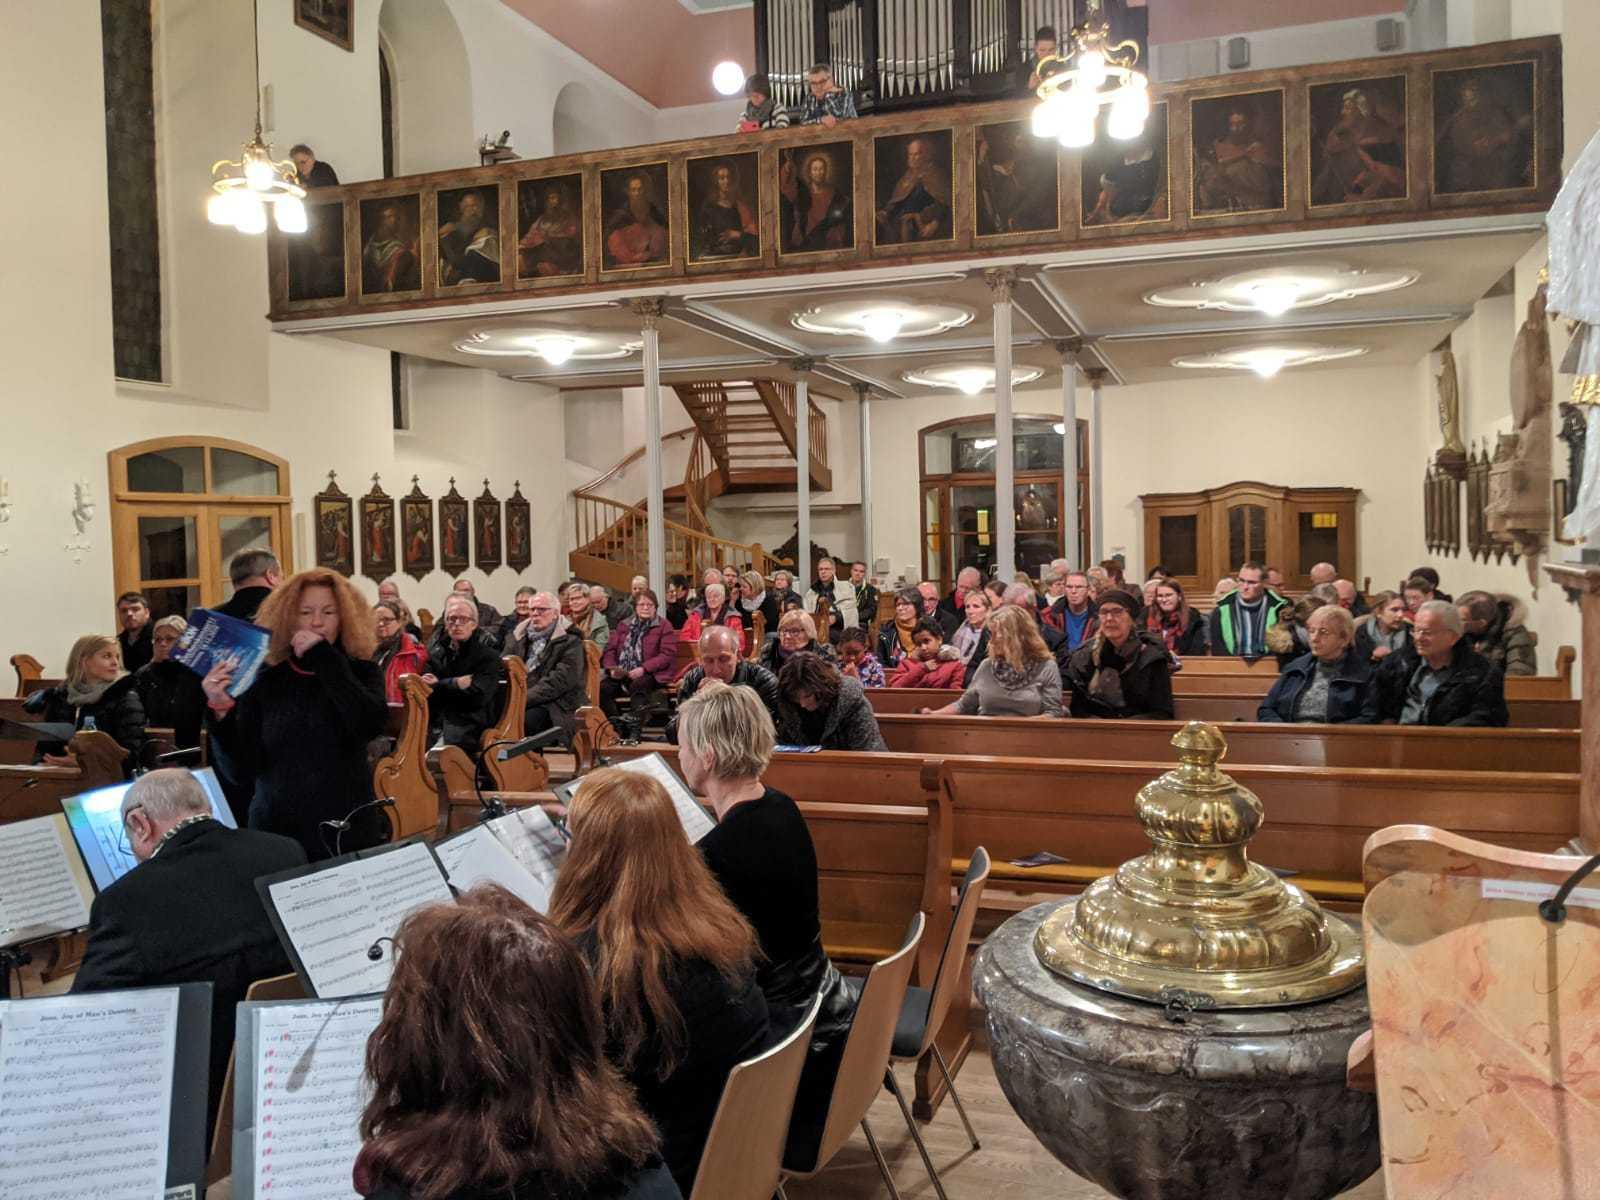 Kirchenkonzert_a